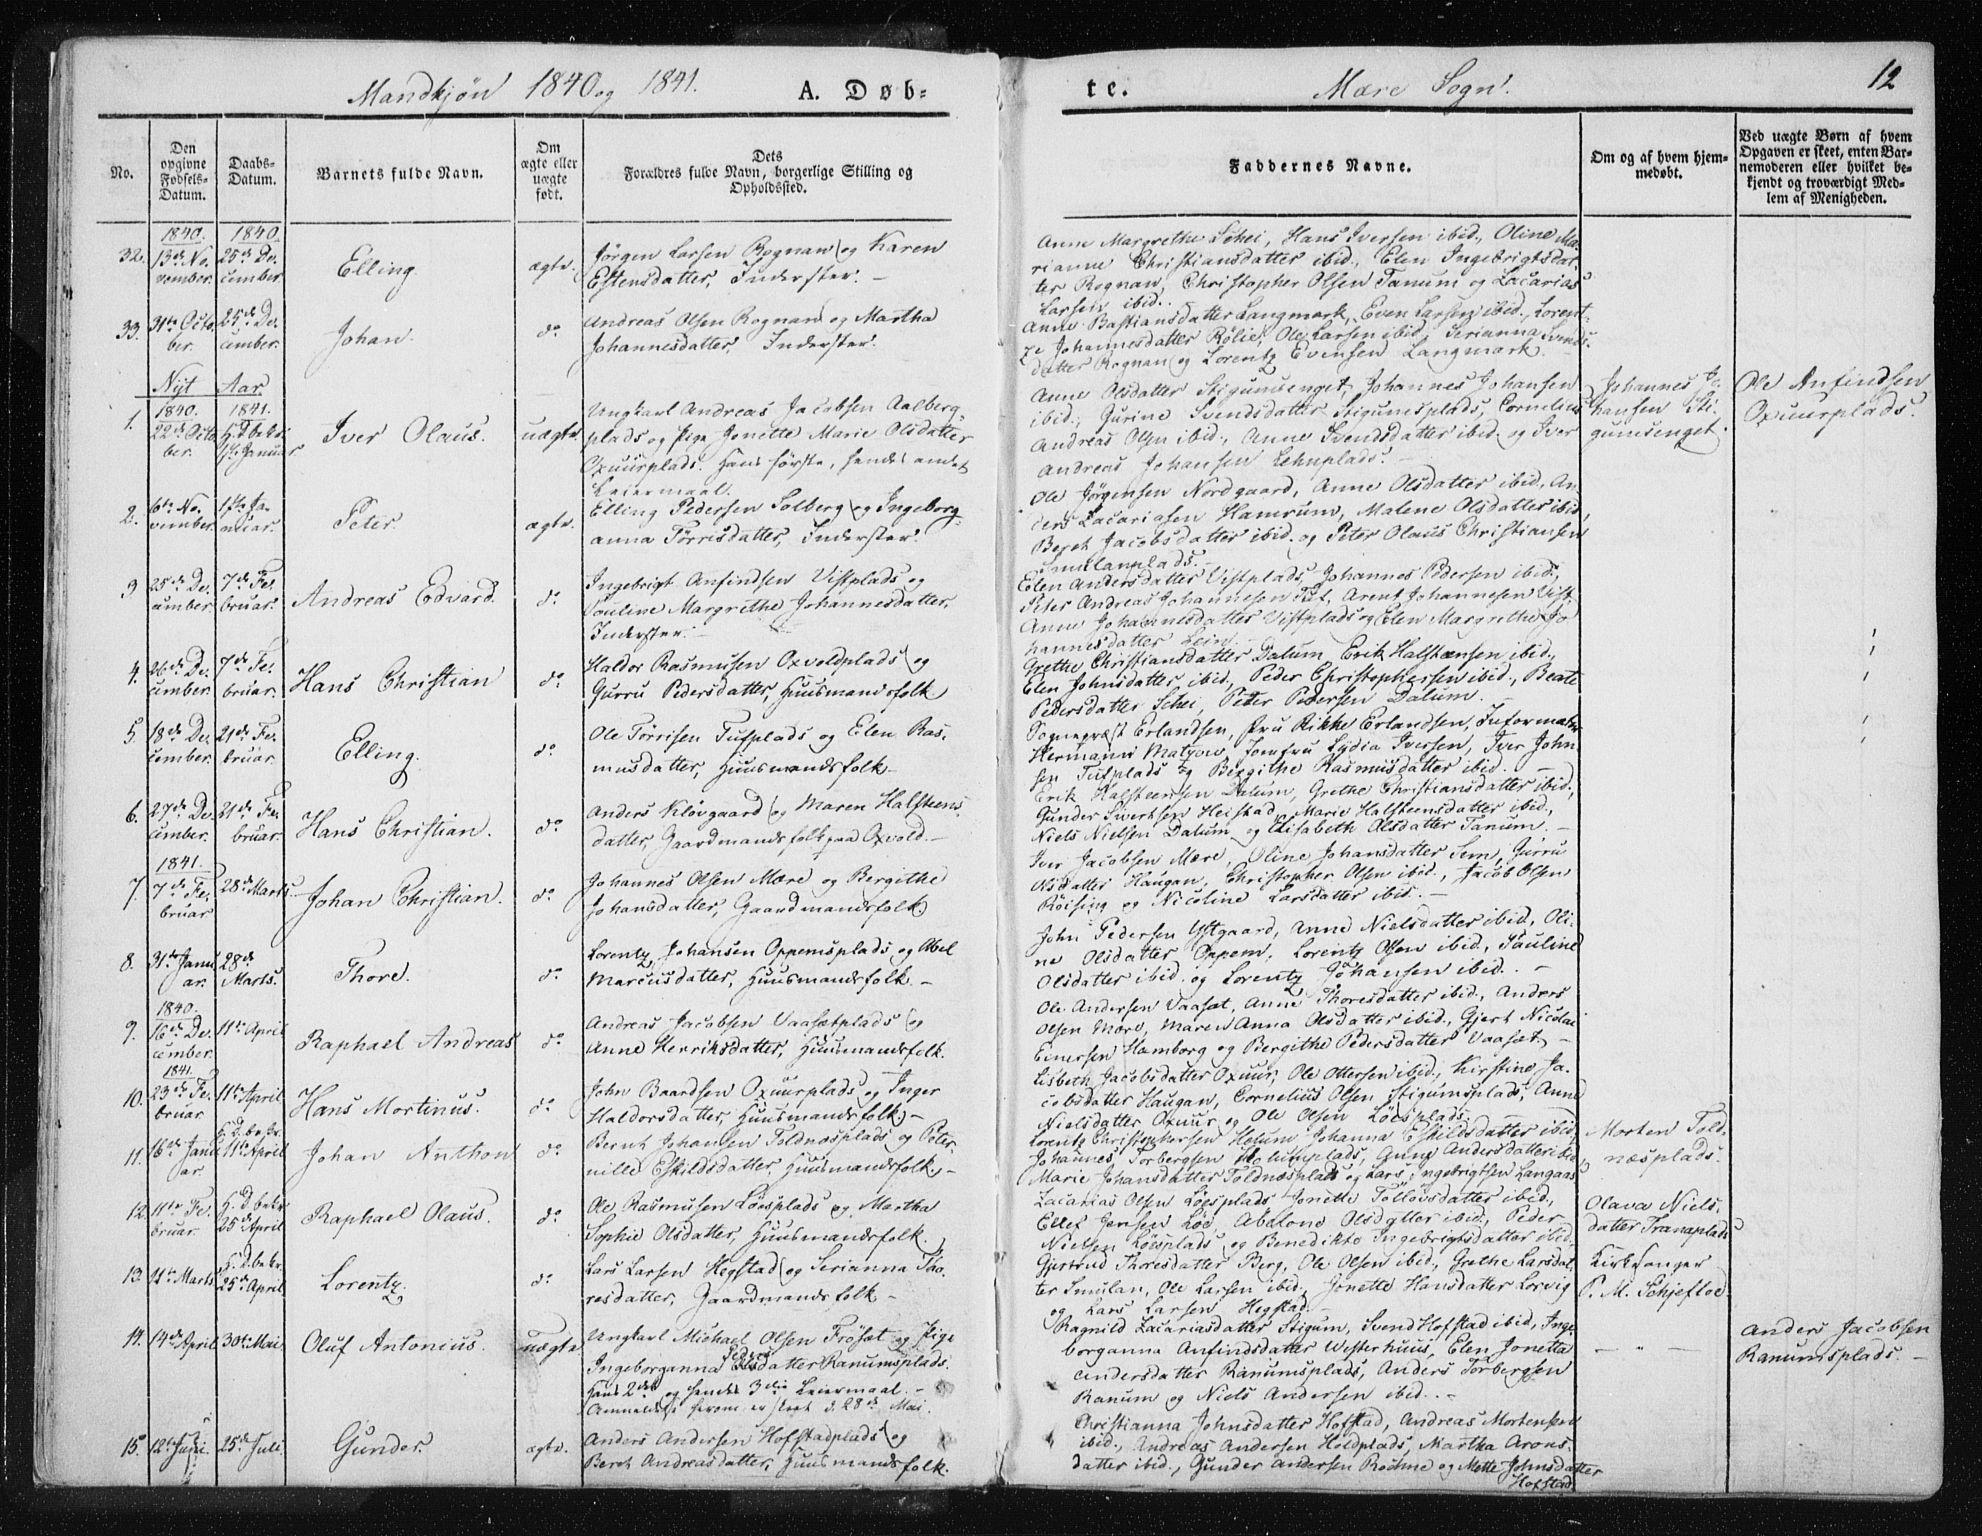 SAT, Ministerialprotokoller, klokkerbøker og fødselsregistre - Nord-Trøndelag, 735/L0339: Ministerialbok nr. 735A06 /1, 1836-1848, s. 12